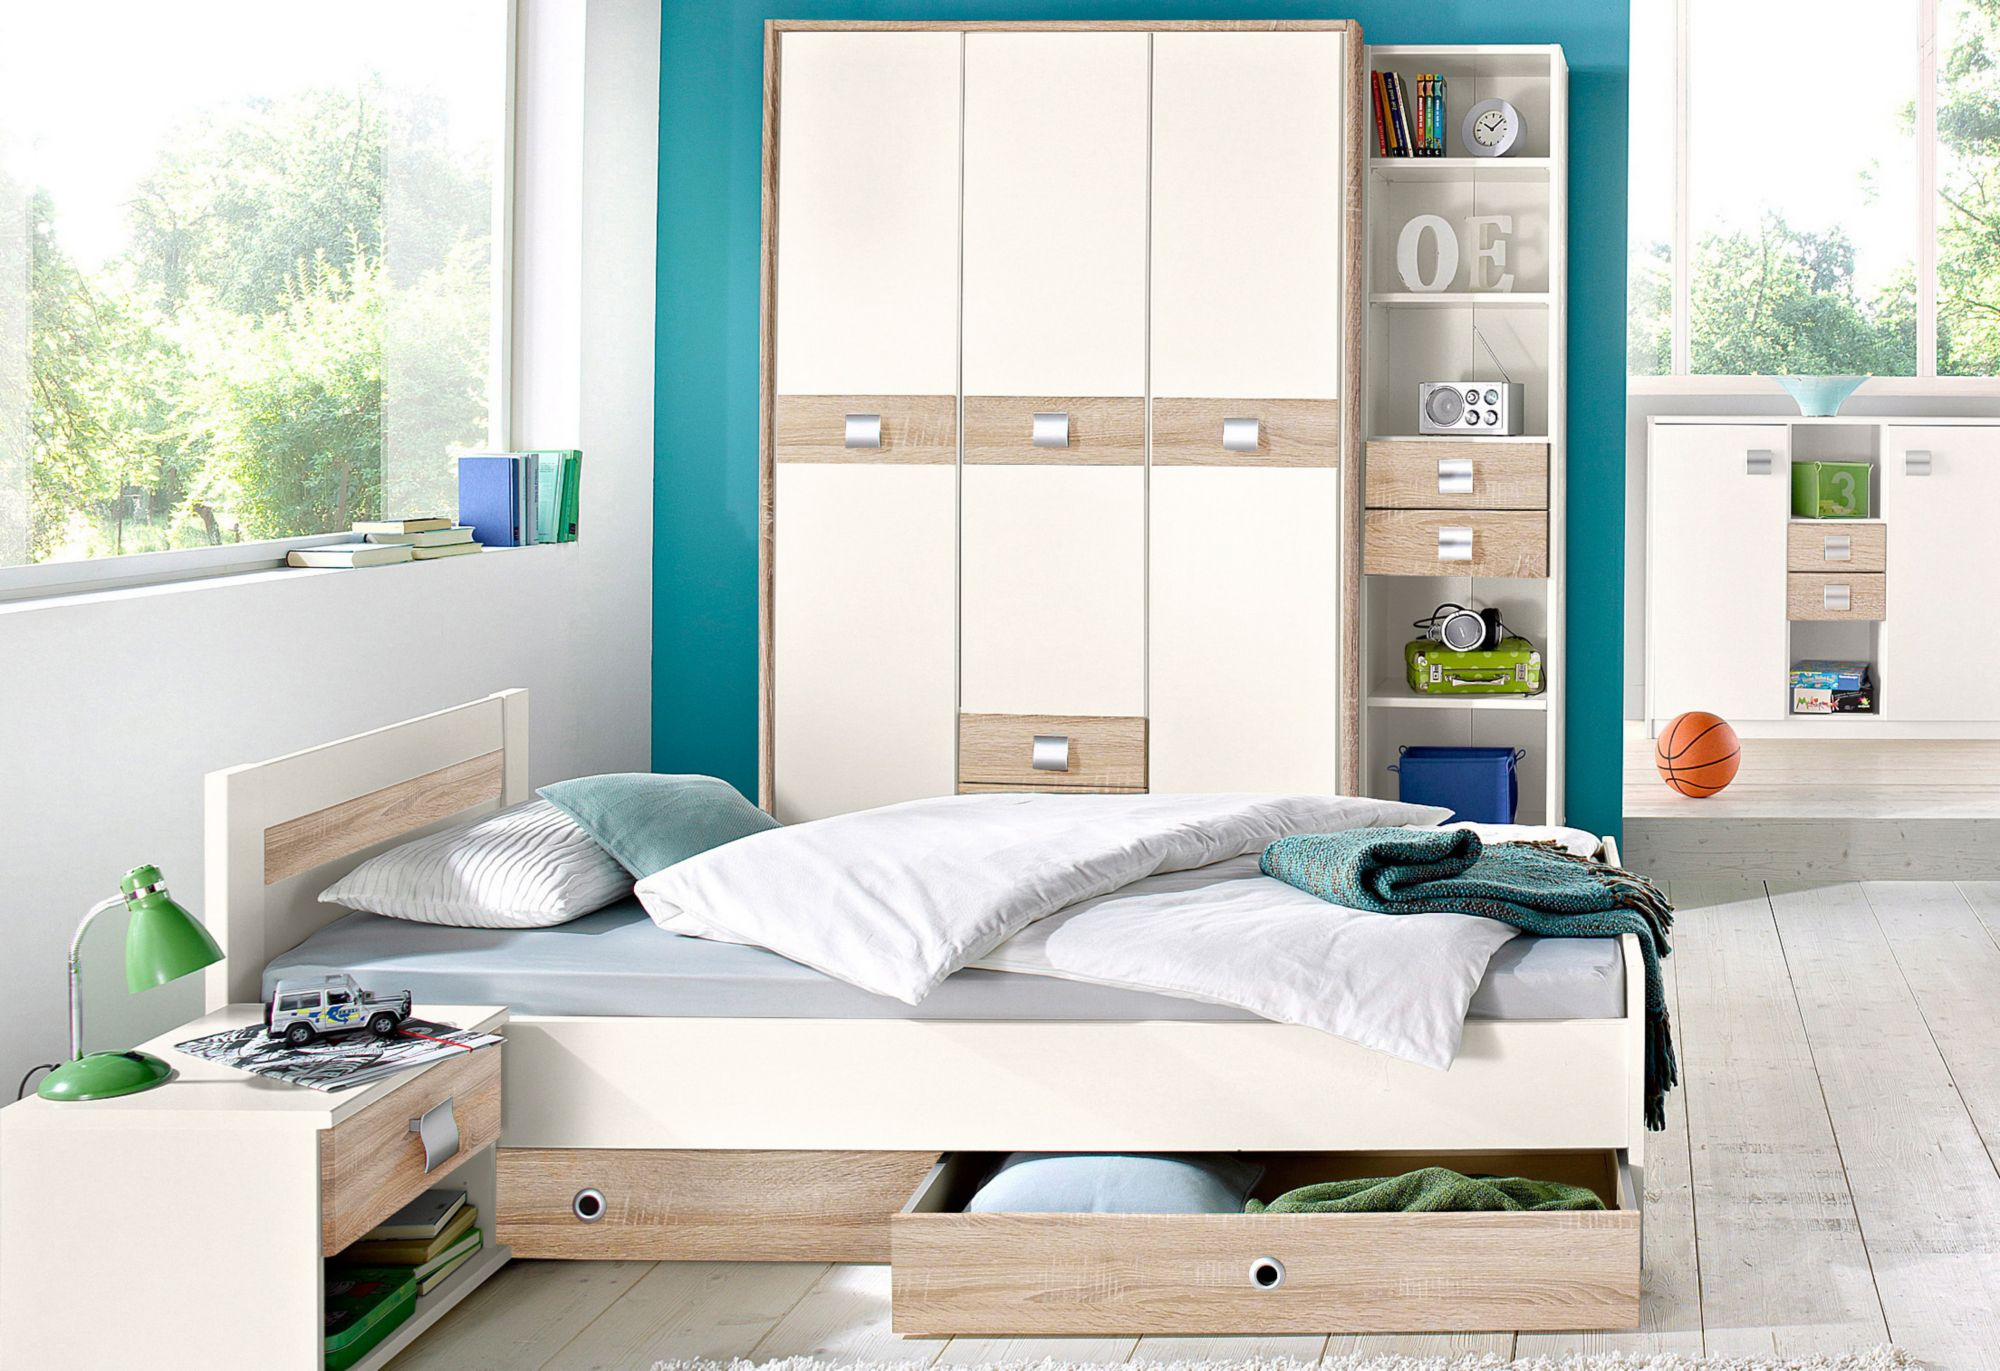 jugendzimmer g nstig online kaufen beim schwab versand. Black Bedroom Furniture Sets. Home Design Ideas